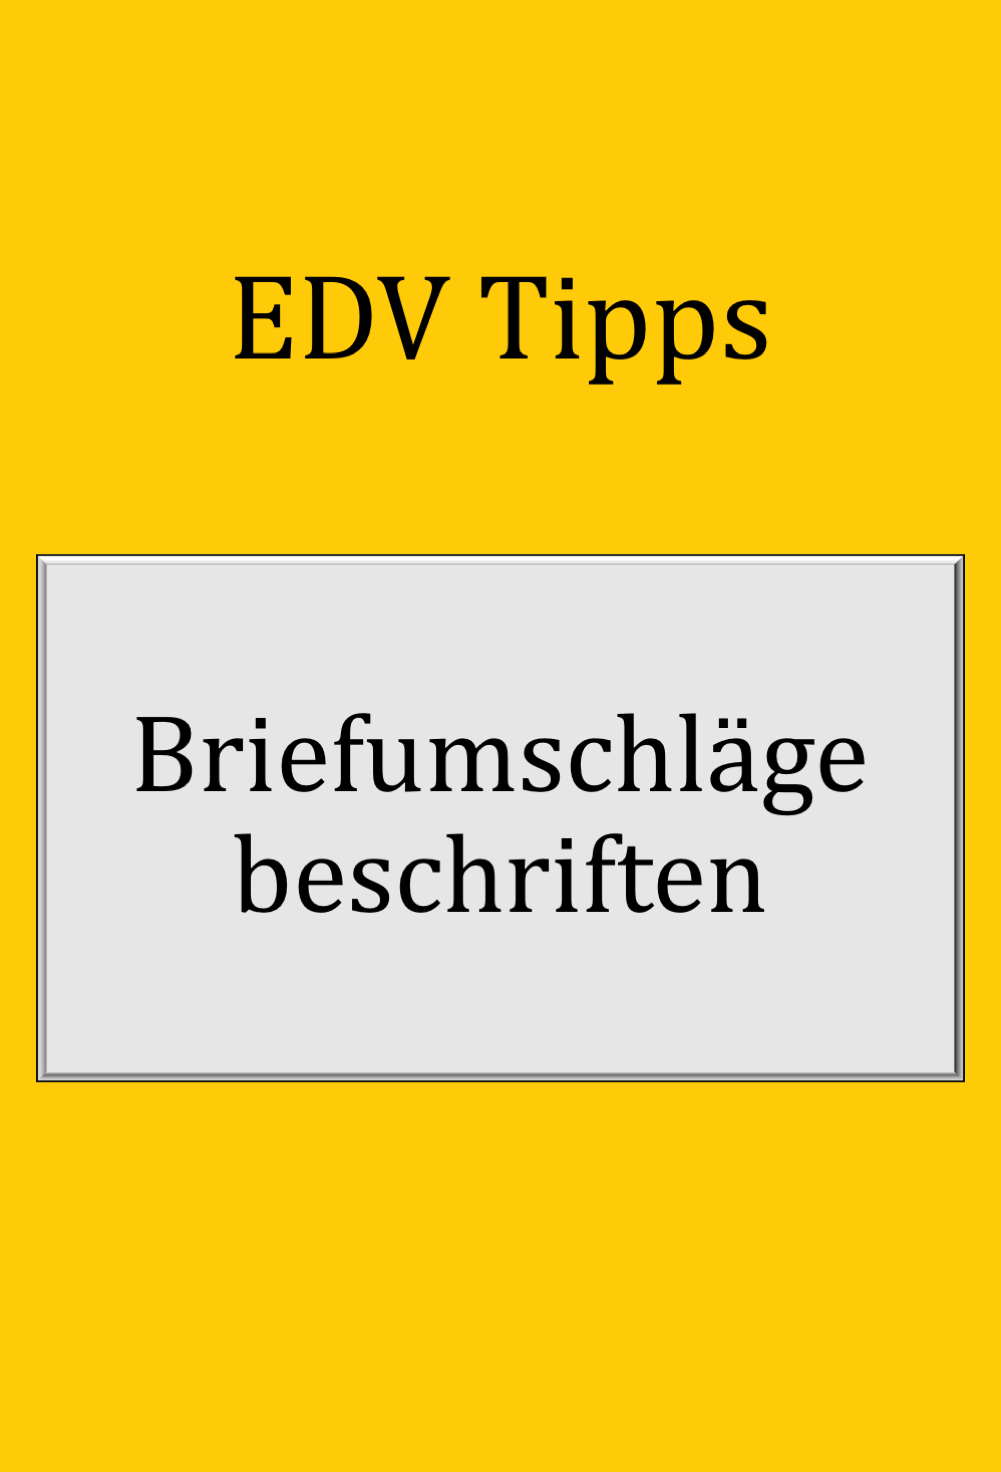 Word Tipps Briefumschlag Bedrucken Briefumschlag Umschlag